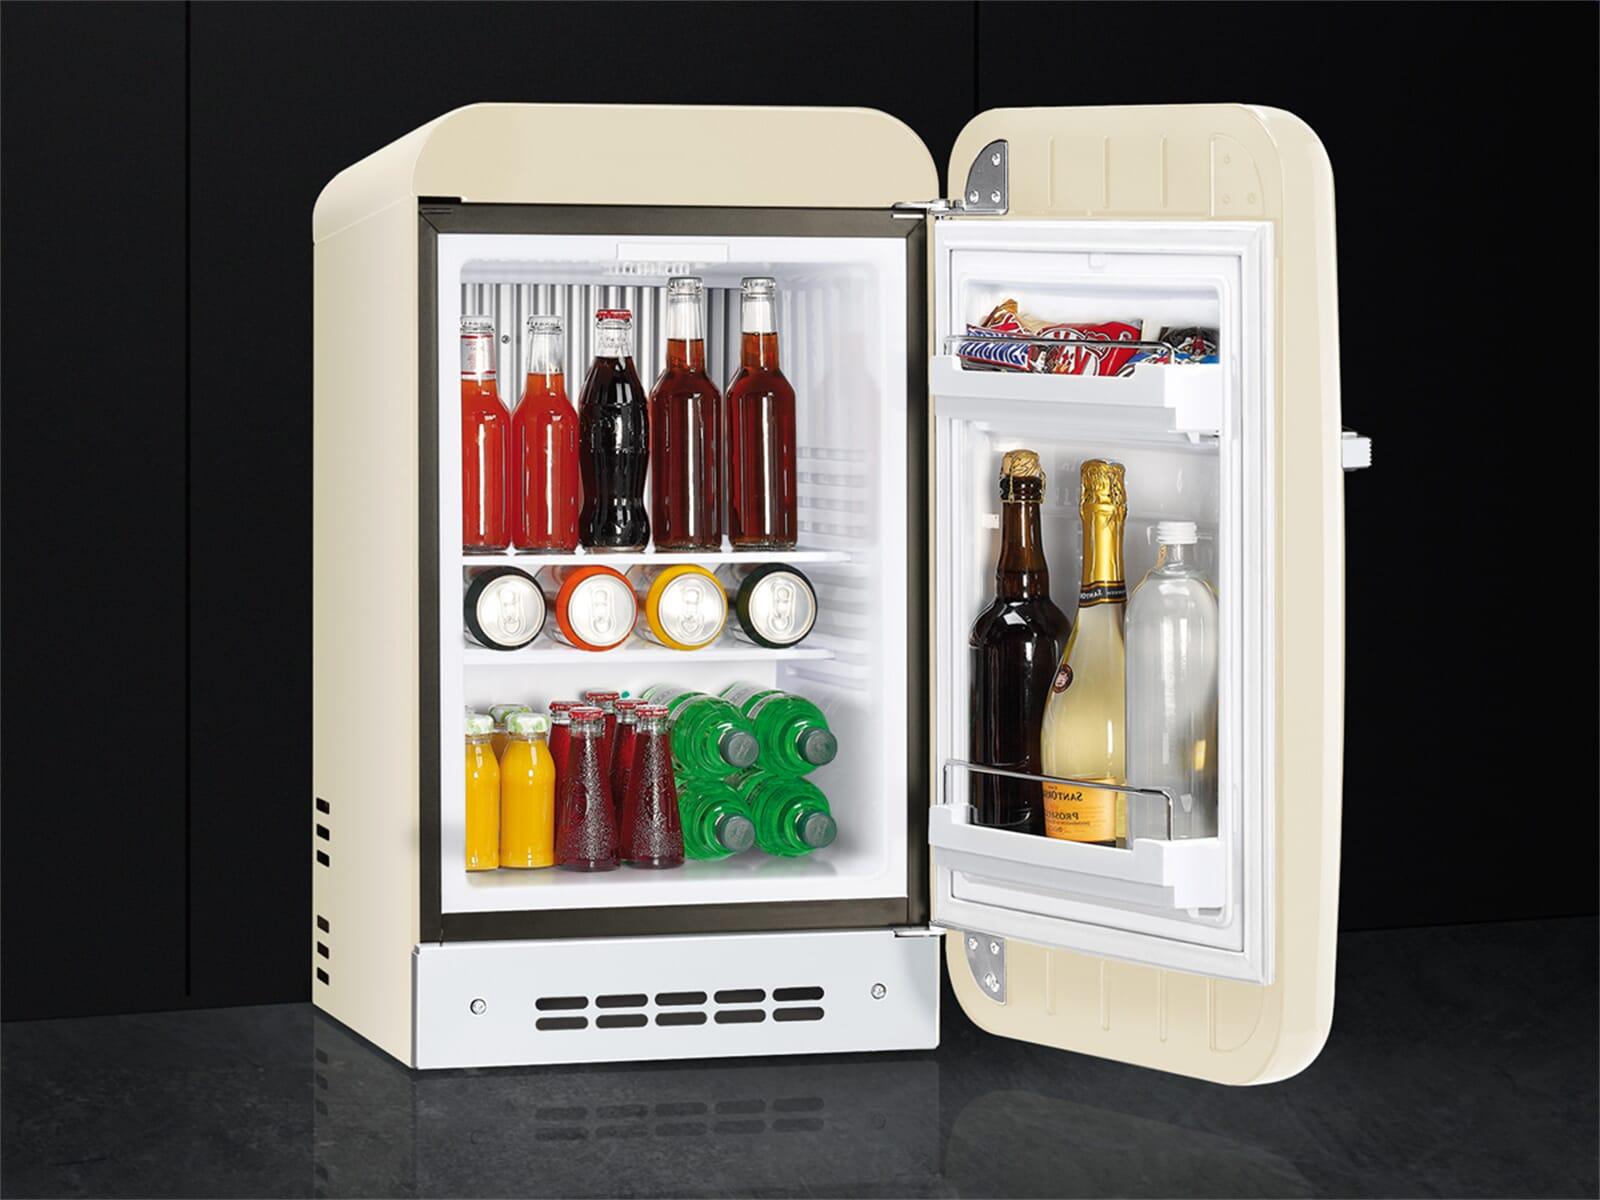 Smeg Kühlschrank Köln : Smeg kühlschrank köln smeg fab lpb kühlschrank mit gefrierteil